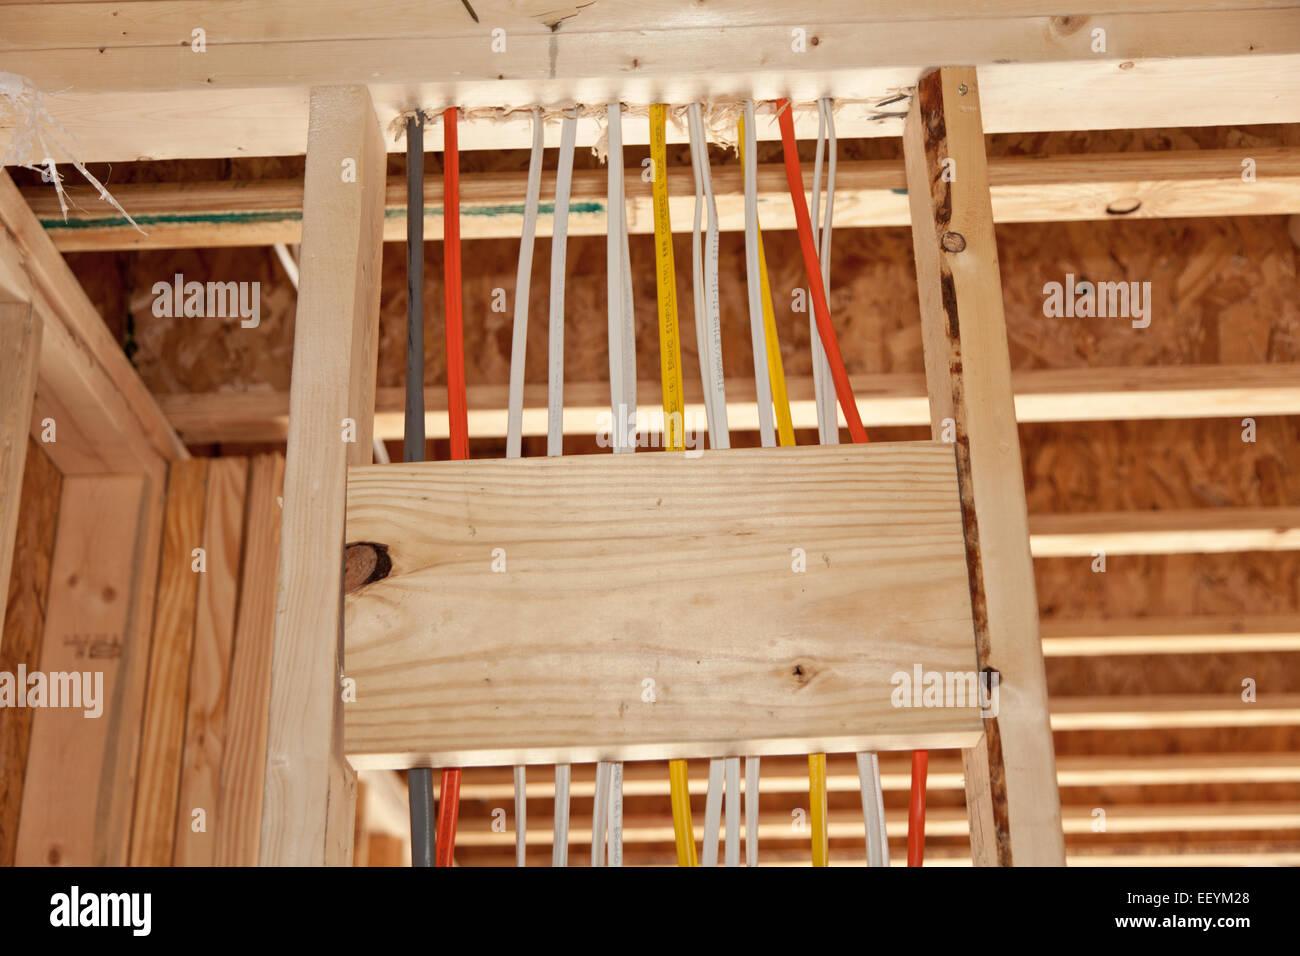 Fein Elektroinstallation Neubau Fotos - Der Schaltplan - triangre.info